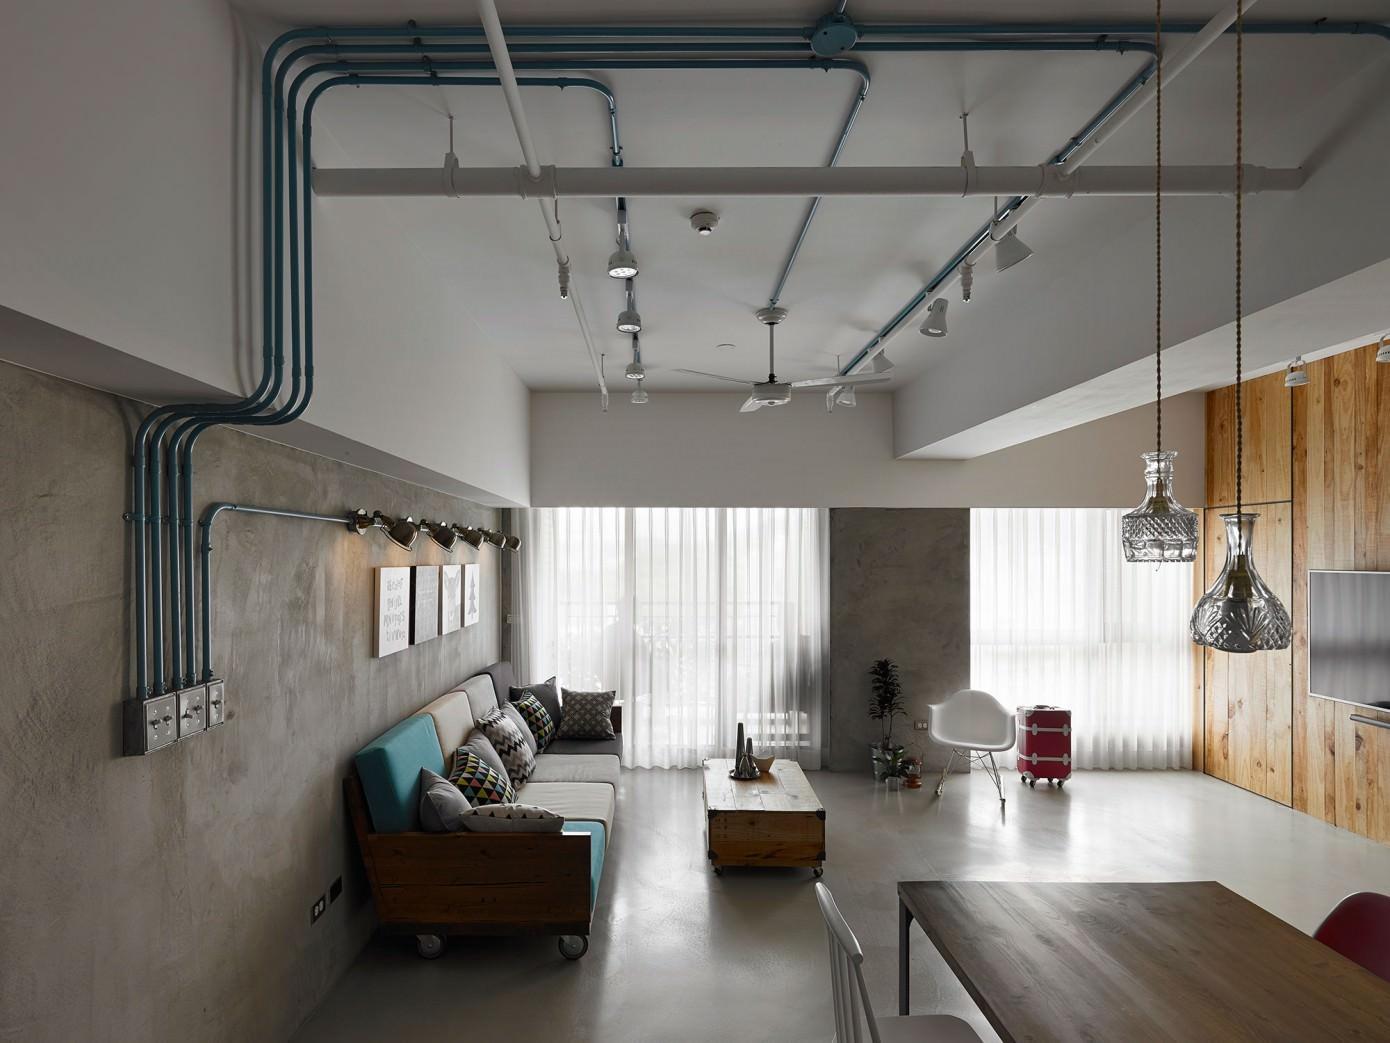 casa papel e tesoura decora o estilo industrial